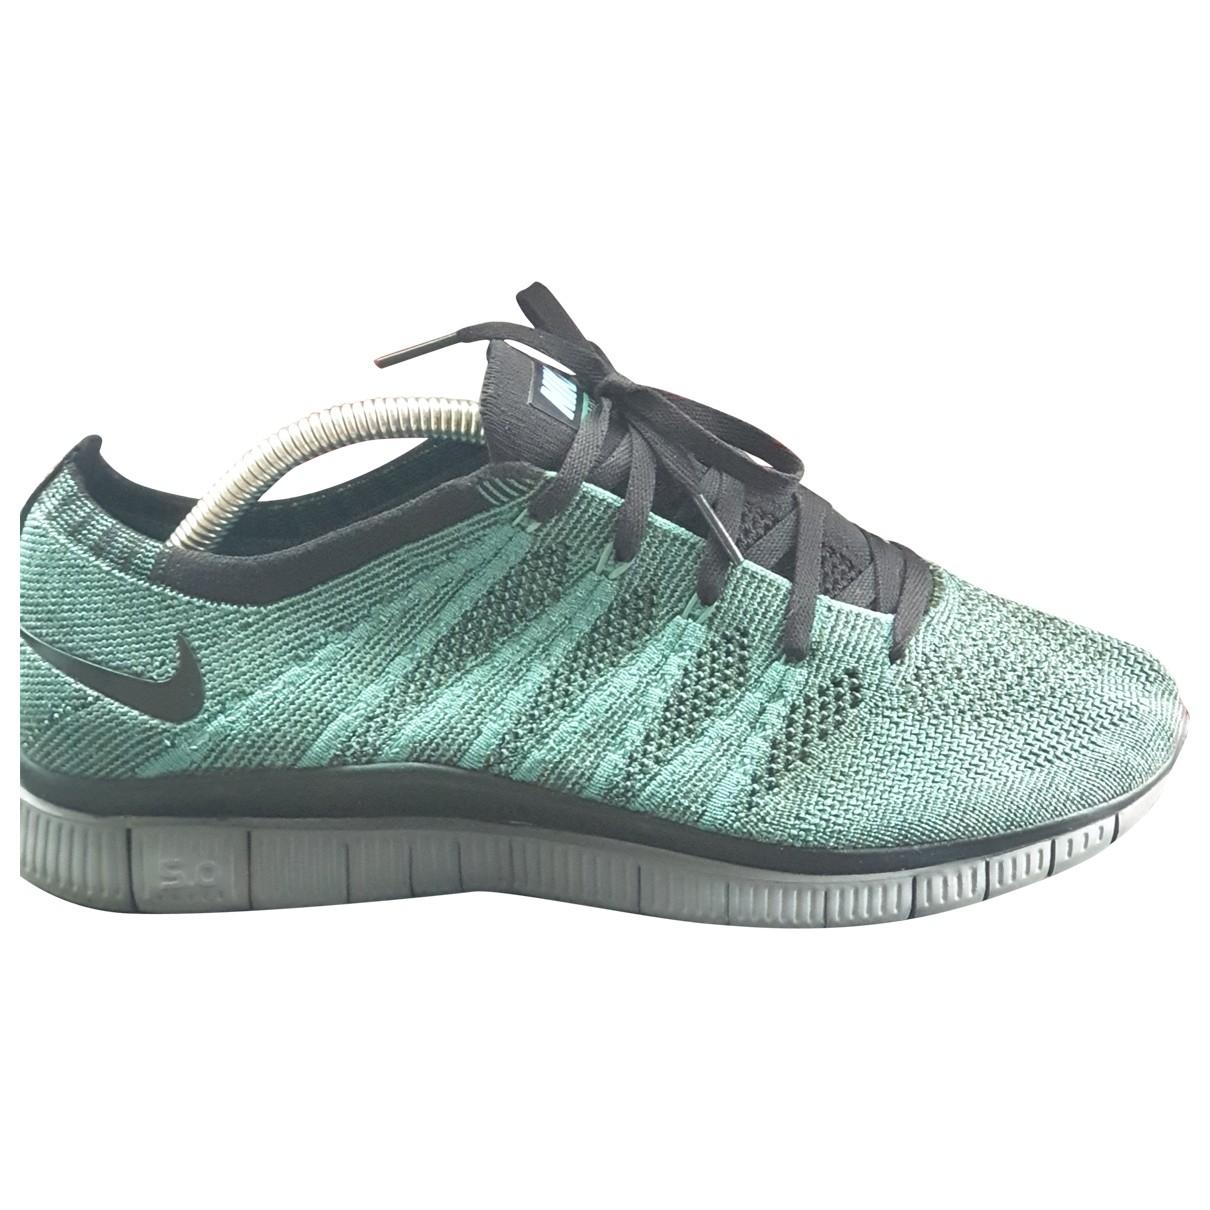 Nike Free Run Green Cloth Trainers for Women 41 EU